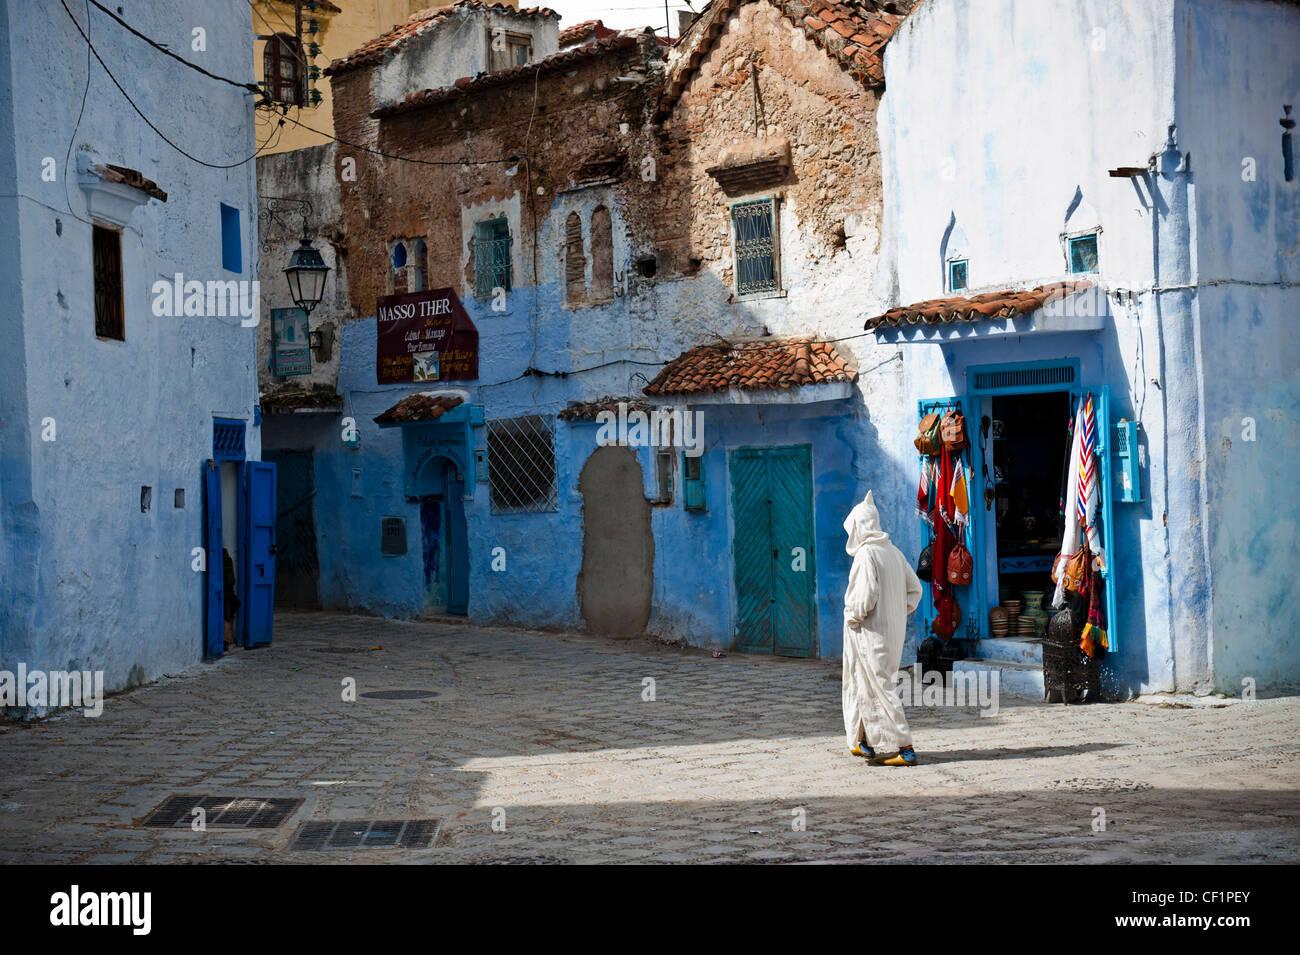 Muslimischen Mann zu Fuß in die blaue ummauerte alte Medina von Chefchaouen, Marokko Stockfoto